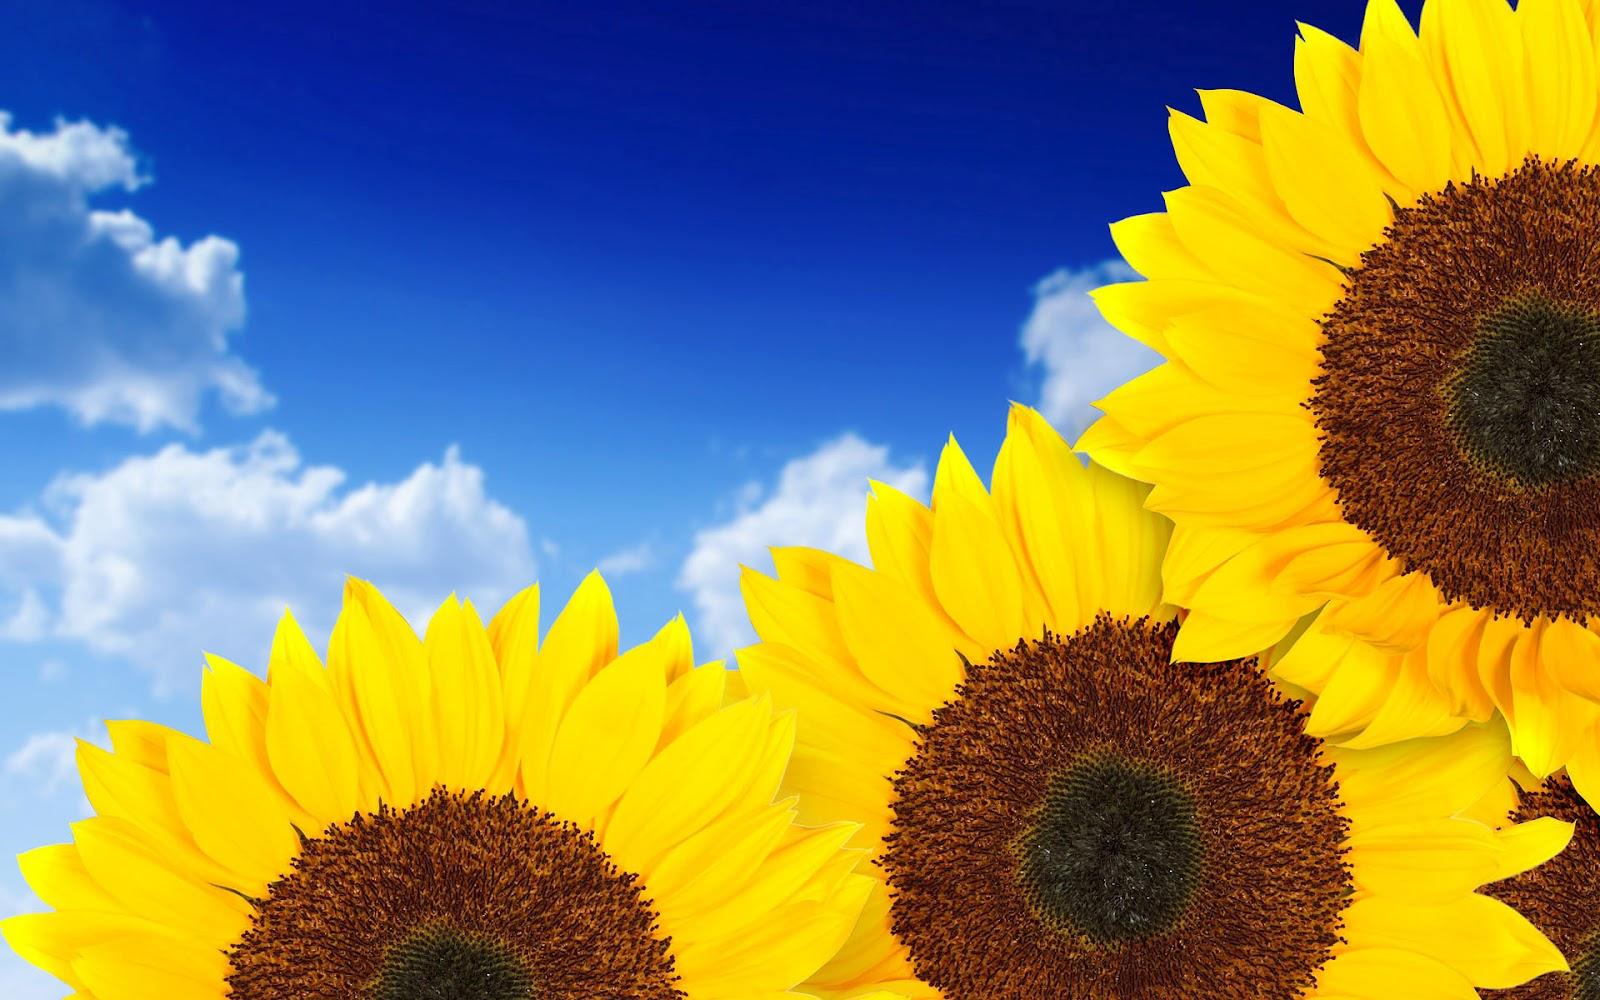 sunflowers hd wallpaper